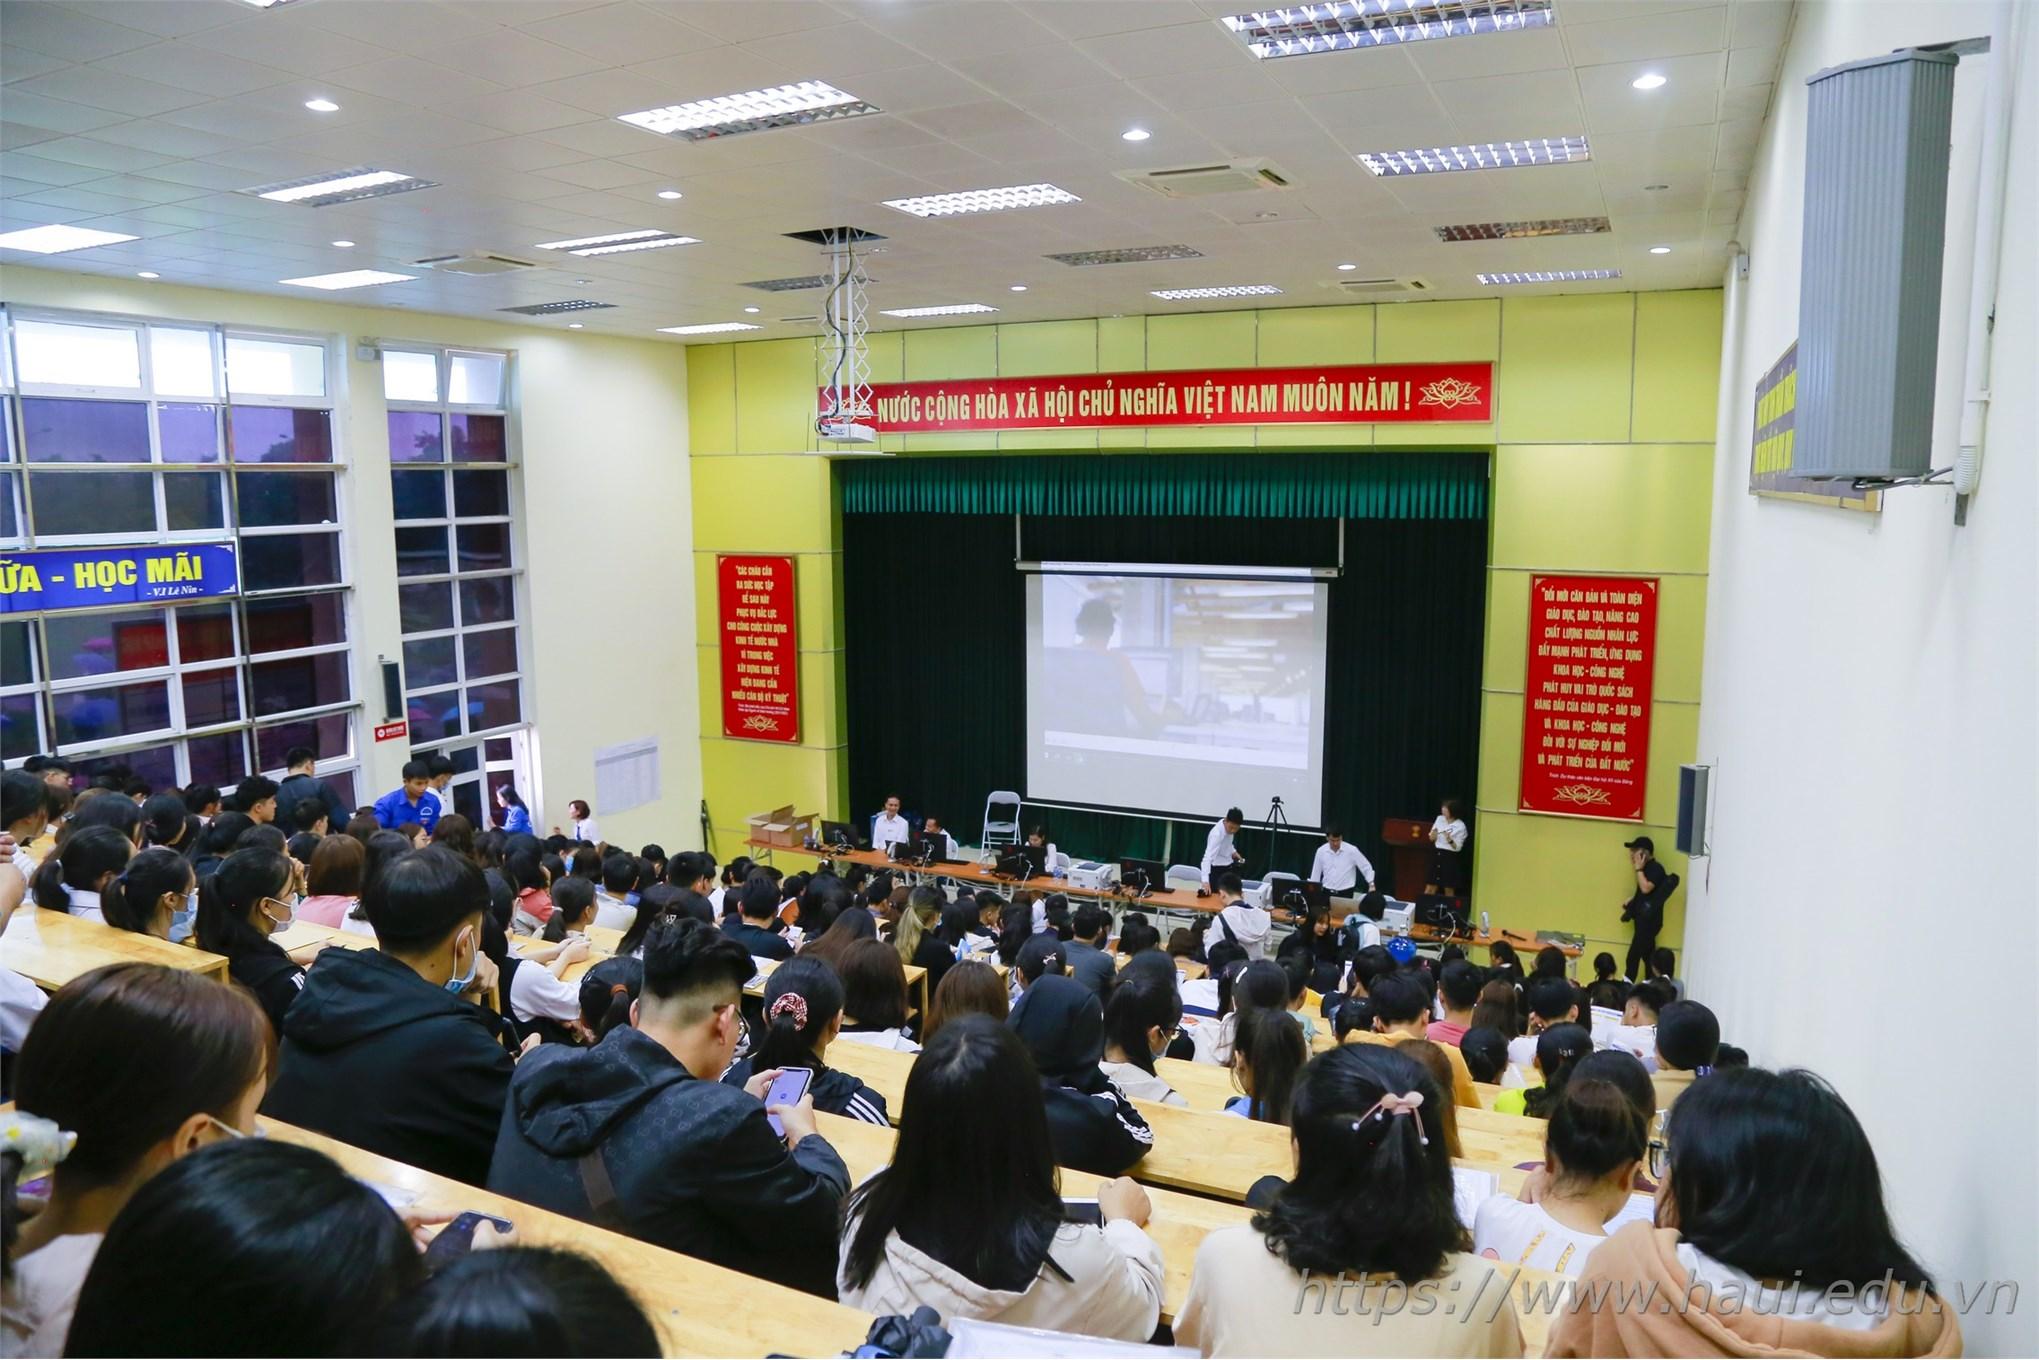 Hơn 7.000 tân sinh viên gia nhập ngôi nhà chung Đại học Công nghiệp Hà Nội